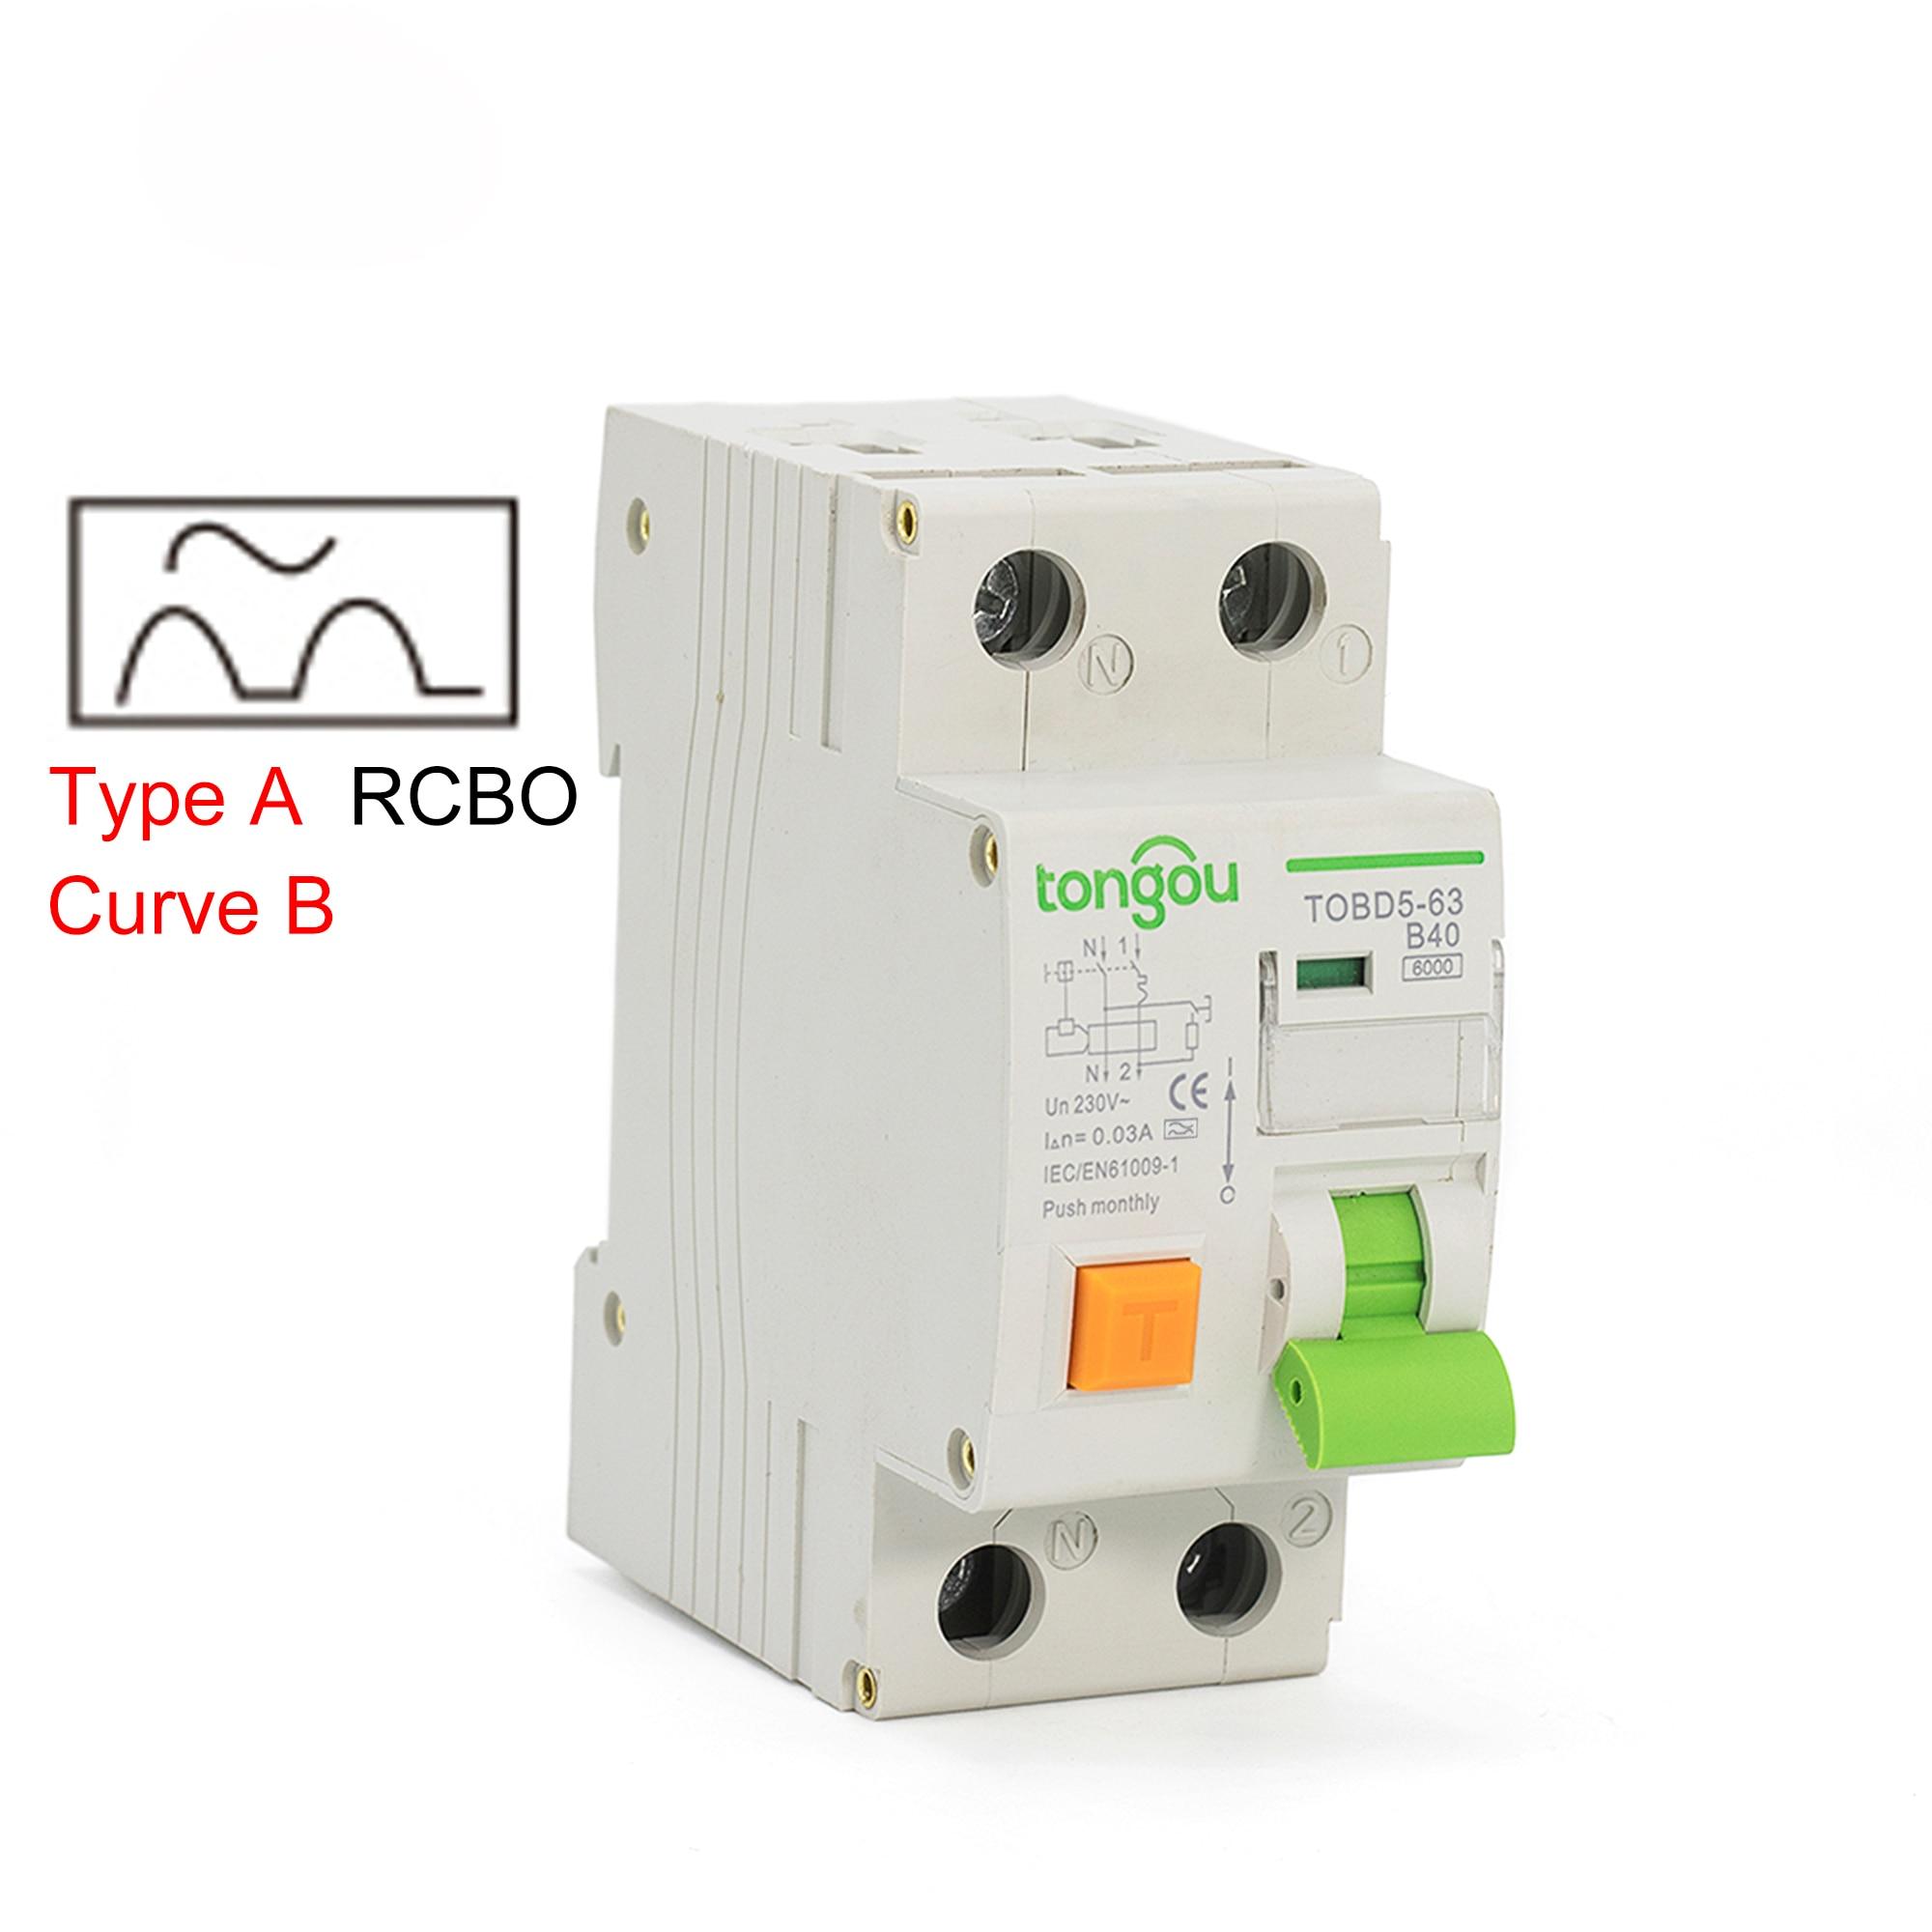 220 فولت 1P + N نوع A منحنى B الكهرومغناطيسية المتبقية قطاع دارة الحالي مع أكثر من حماية الحالية والتسرب RCBO